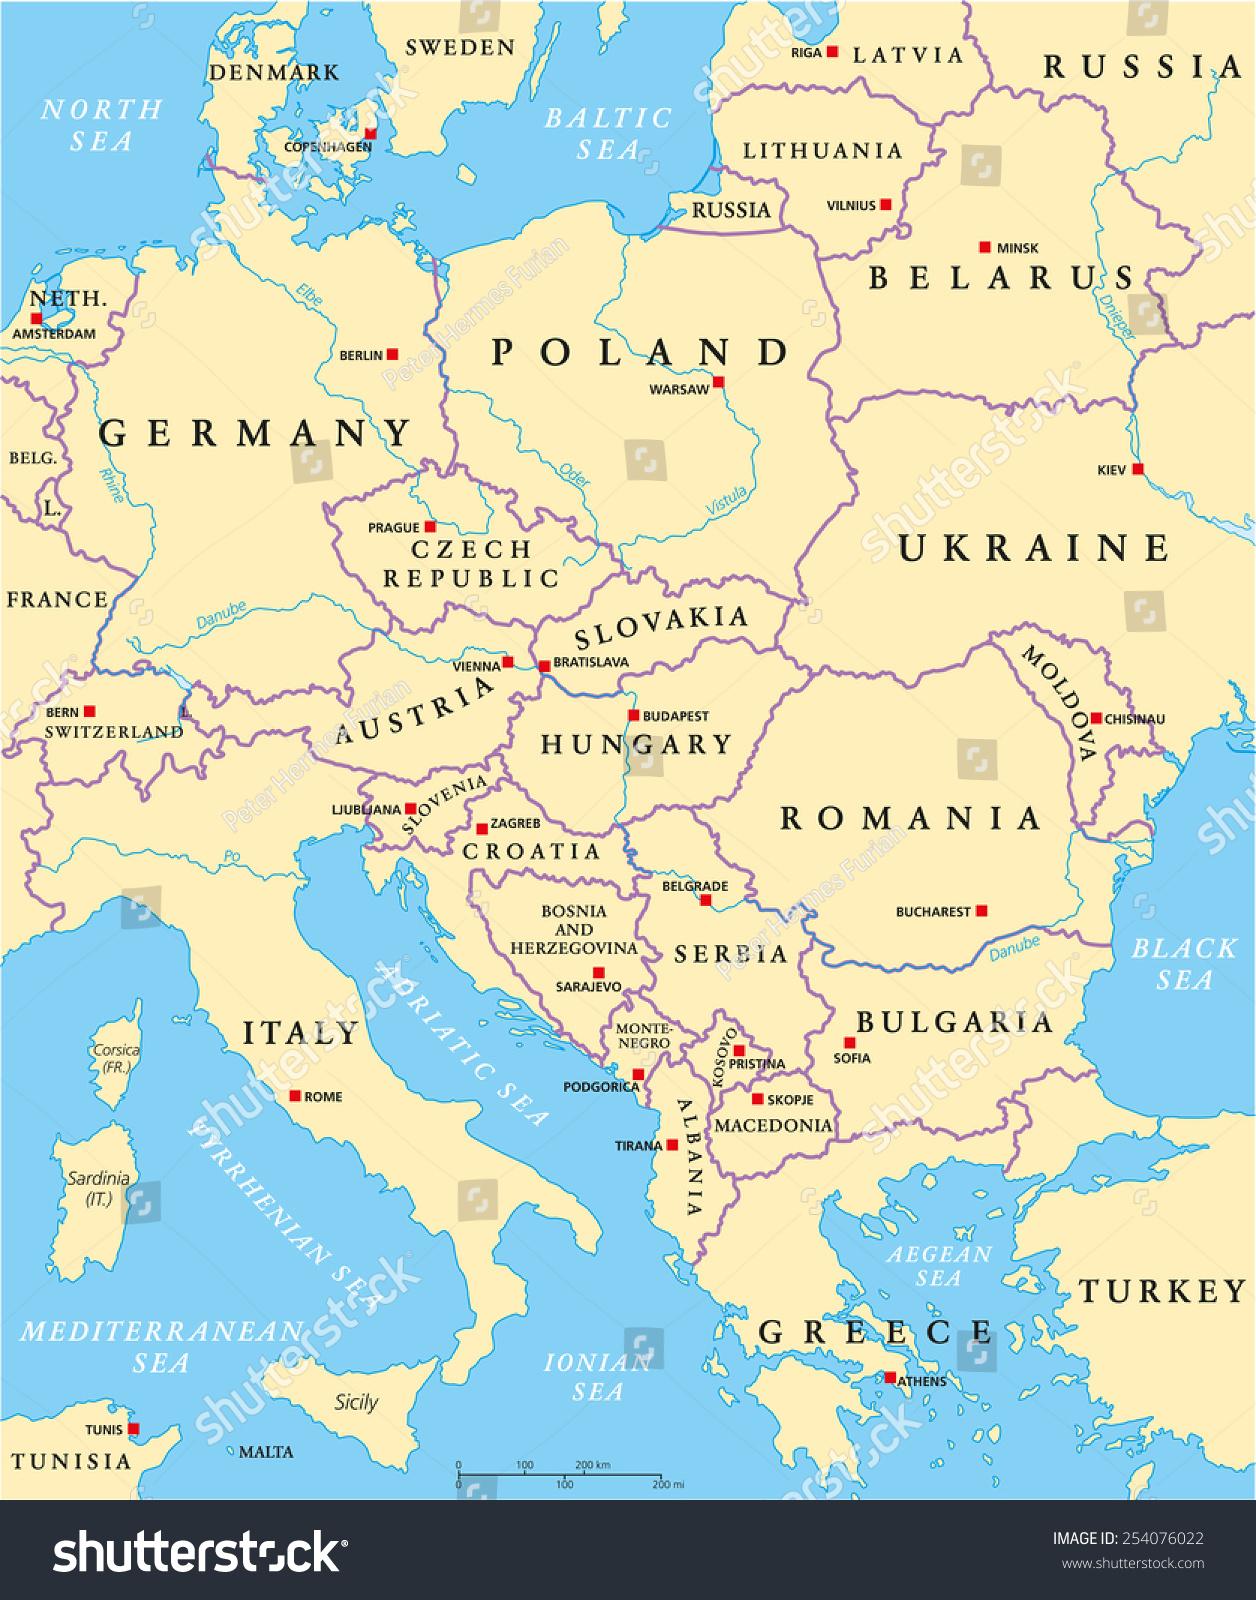 Image Vectorielle De Stock De Carte Politique De L'europe concernant Carte De L Europe Capitales